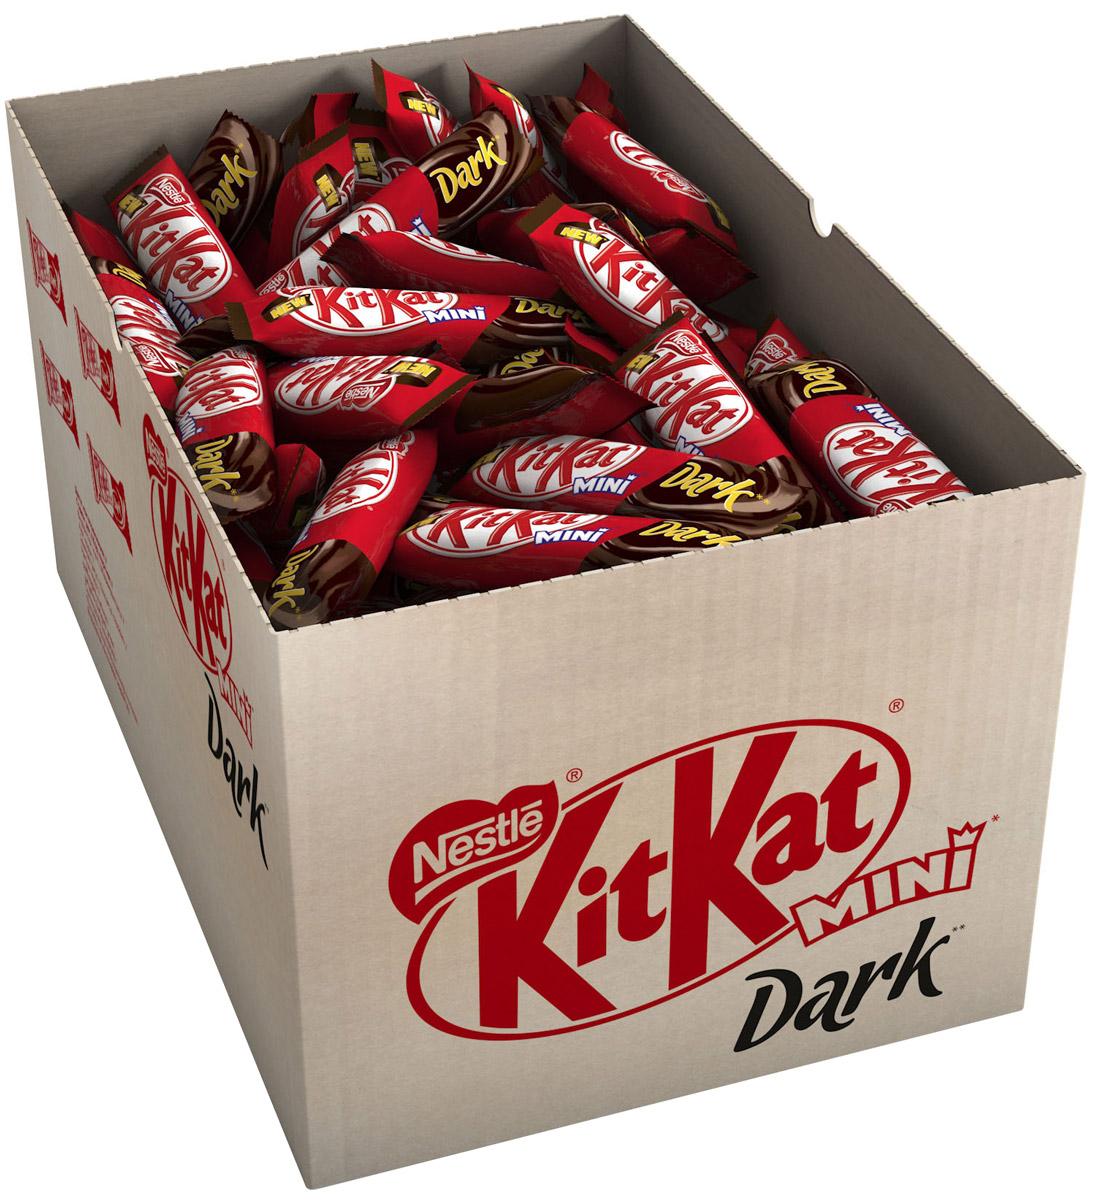 KitKat Mini темный шоколад с хрустящей вафлей, 3 кг12265928Мини формат батончика KitKat с хрустящей вафлей в темном шоколаде. Удобный формат к чаю, чтобы взять с собой в дорогу.